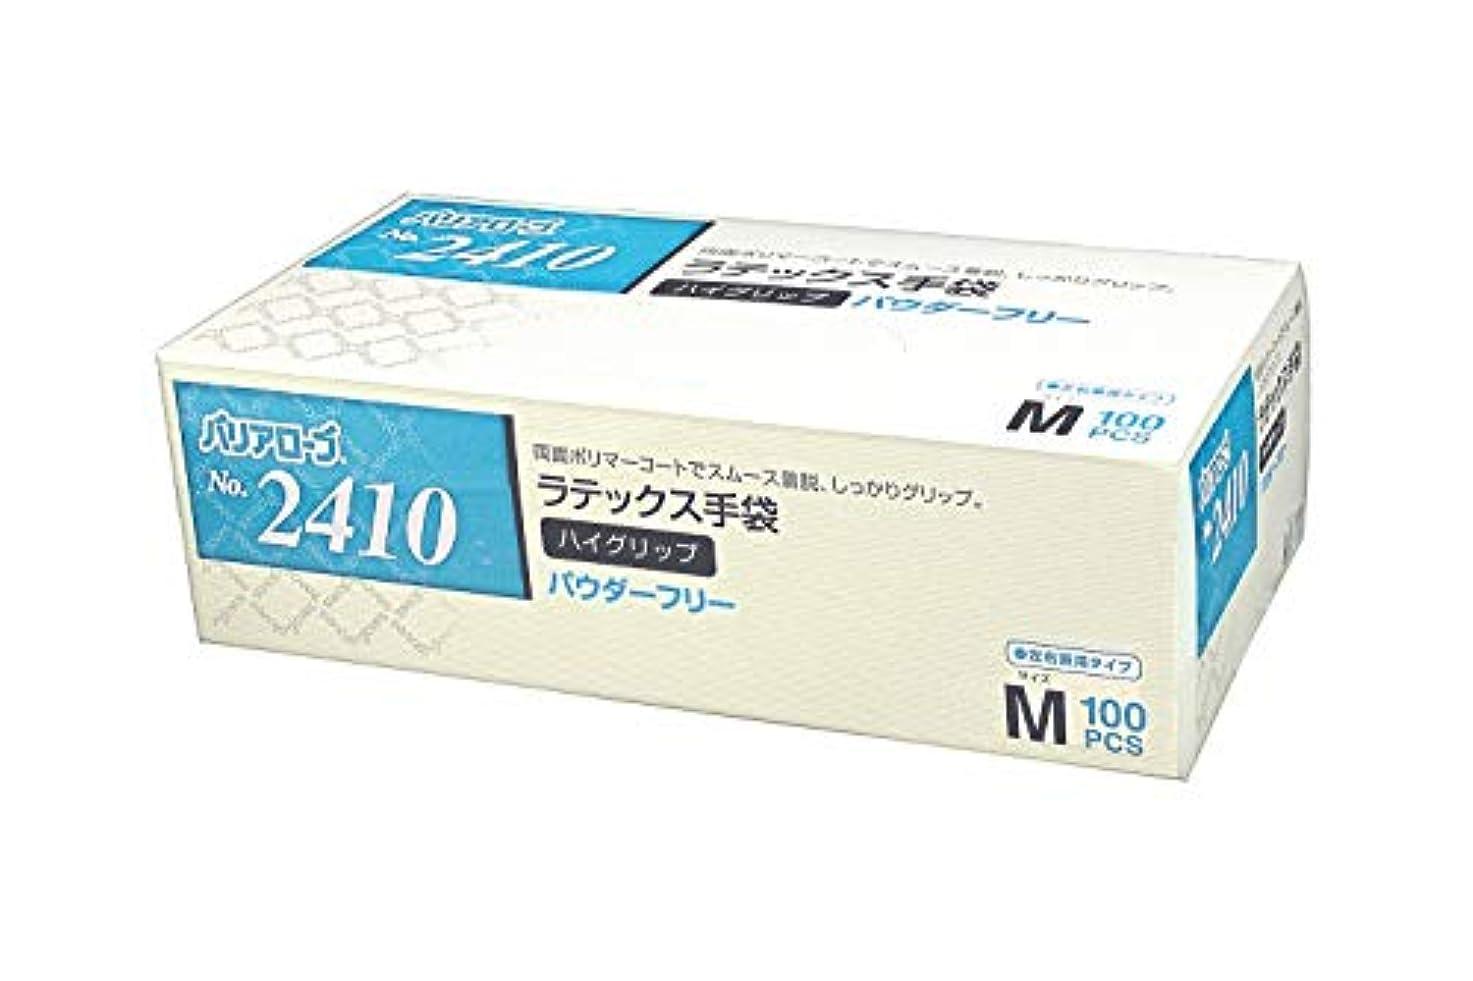 適度にファイルハイキングに行く【ケース販売】 バリアローブ №2410 ラテックス手袋 ハイグリップ (パウダーフリー) M 2000枚(100枚×20箱)